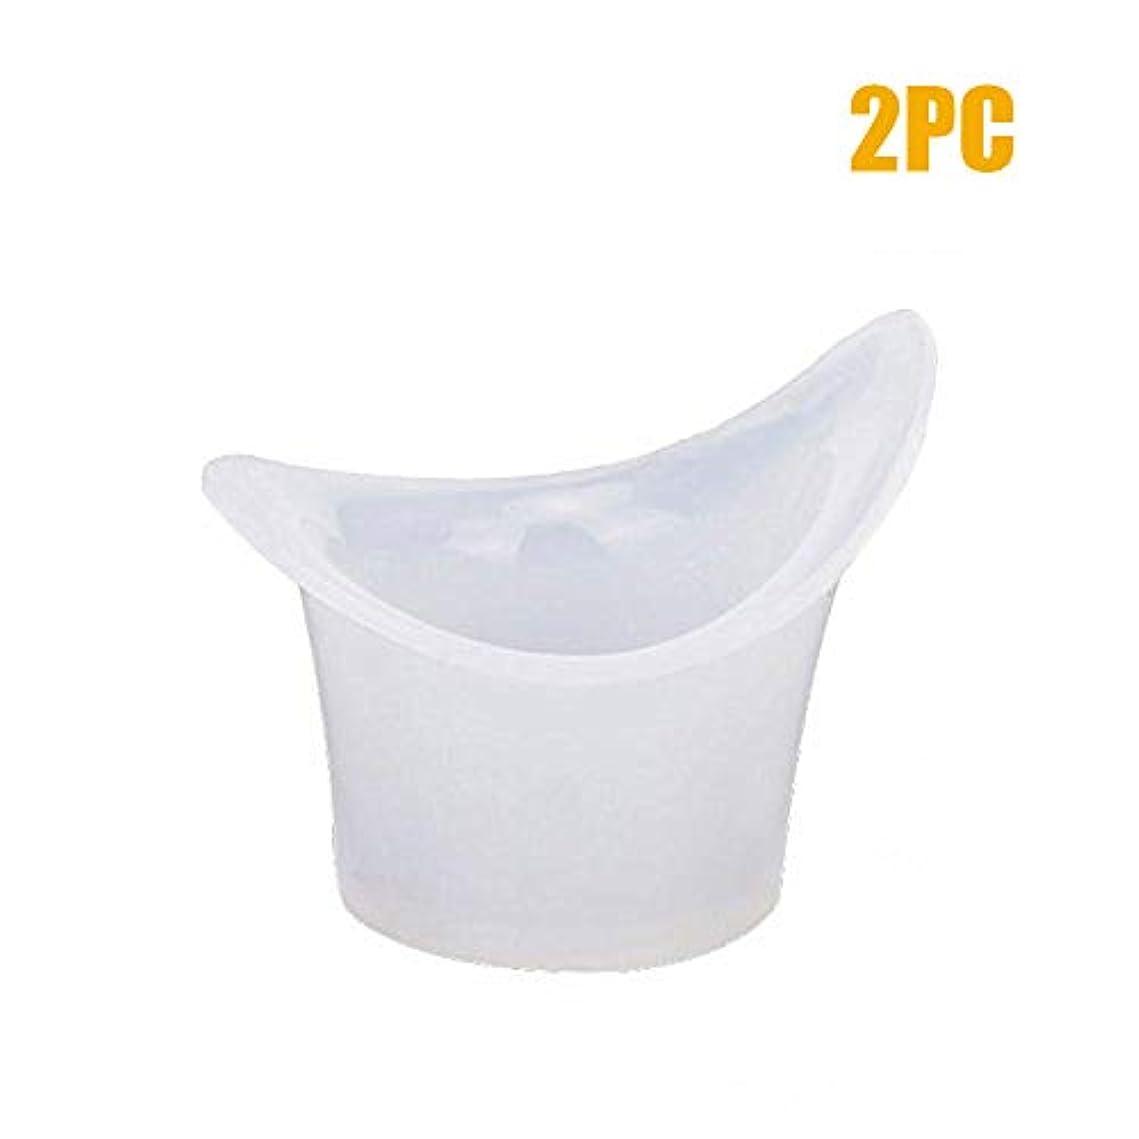 フォーマット傾く町目洗 アイカップ う クリーニングカップ シリコーン 製 洗眼 目盛り 目洗浄 2個セット Jinghong